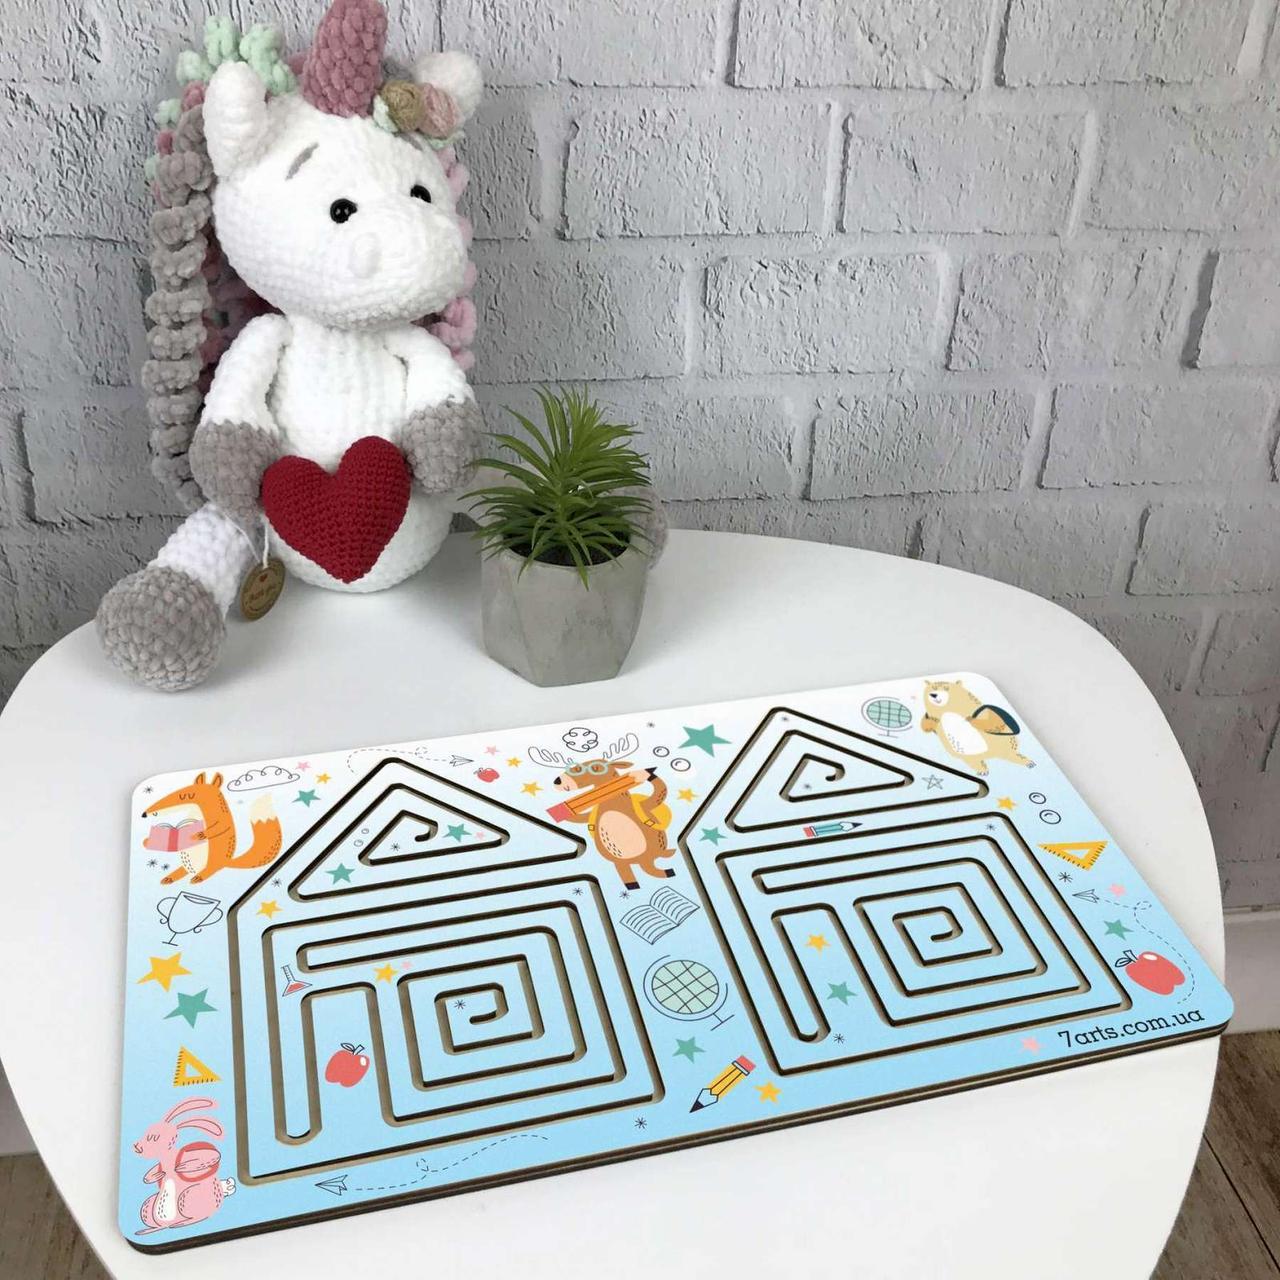 Цветная межполушарная доска-лабиринт из дерева для детского развития «Домик»